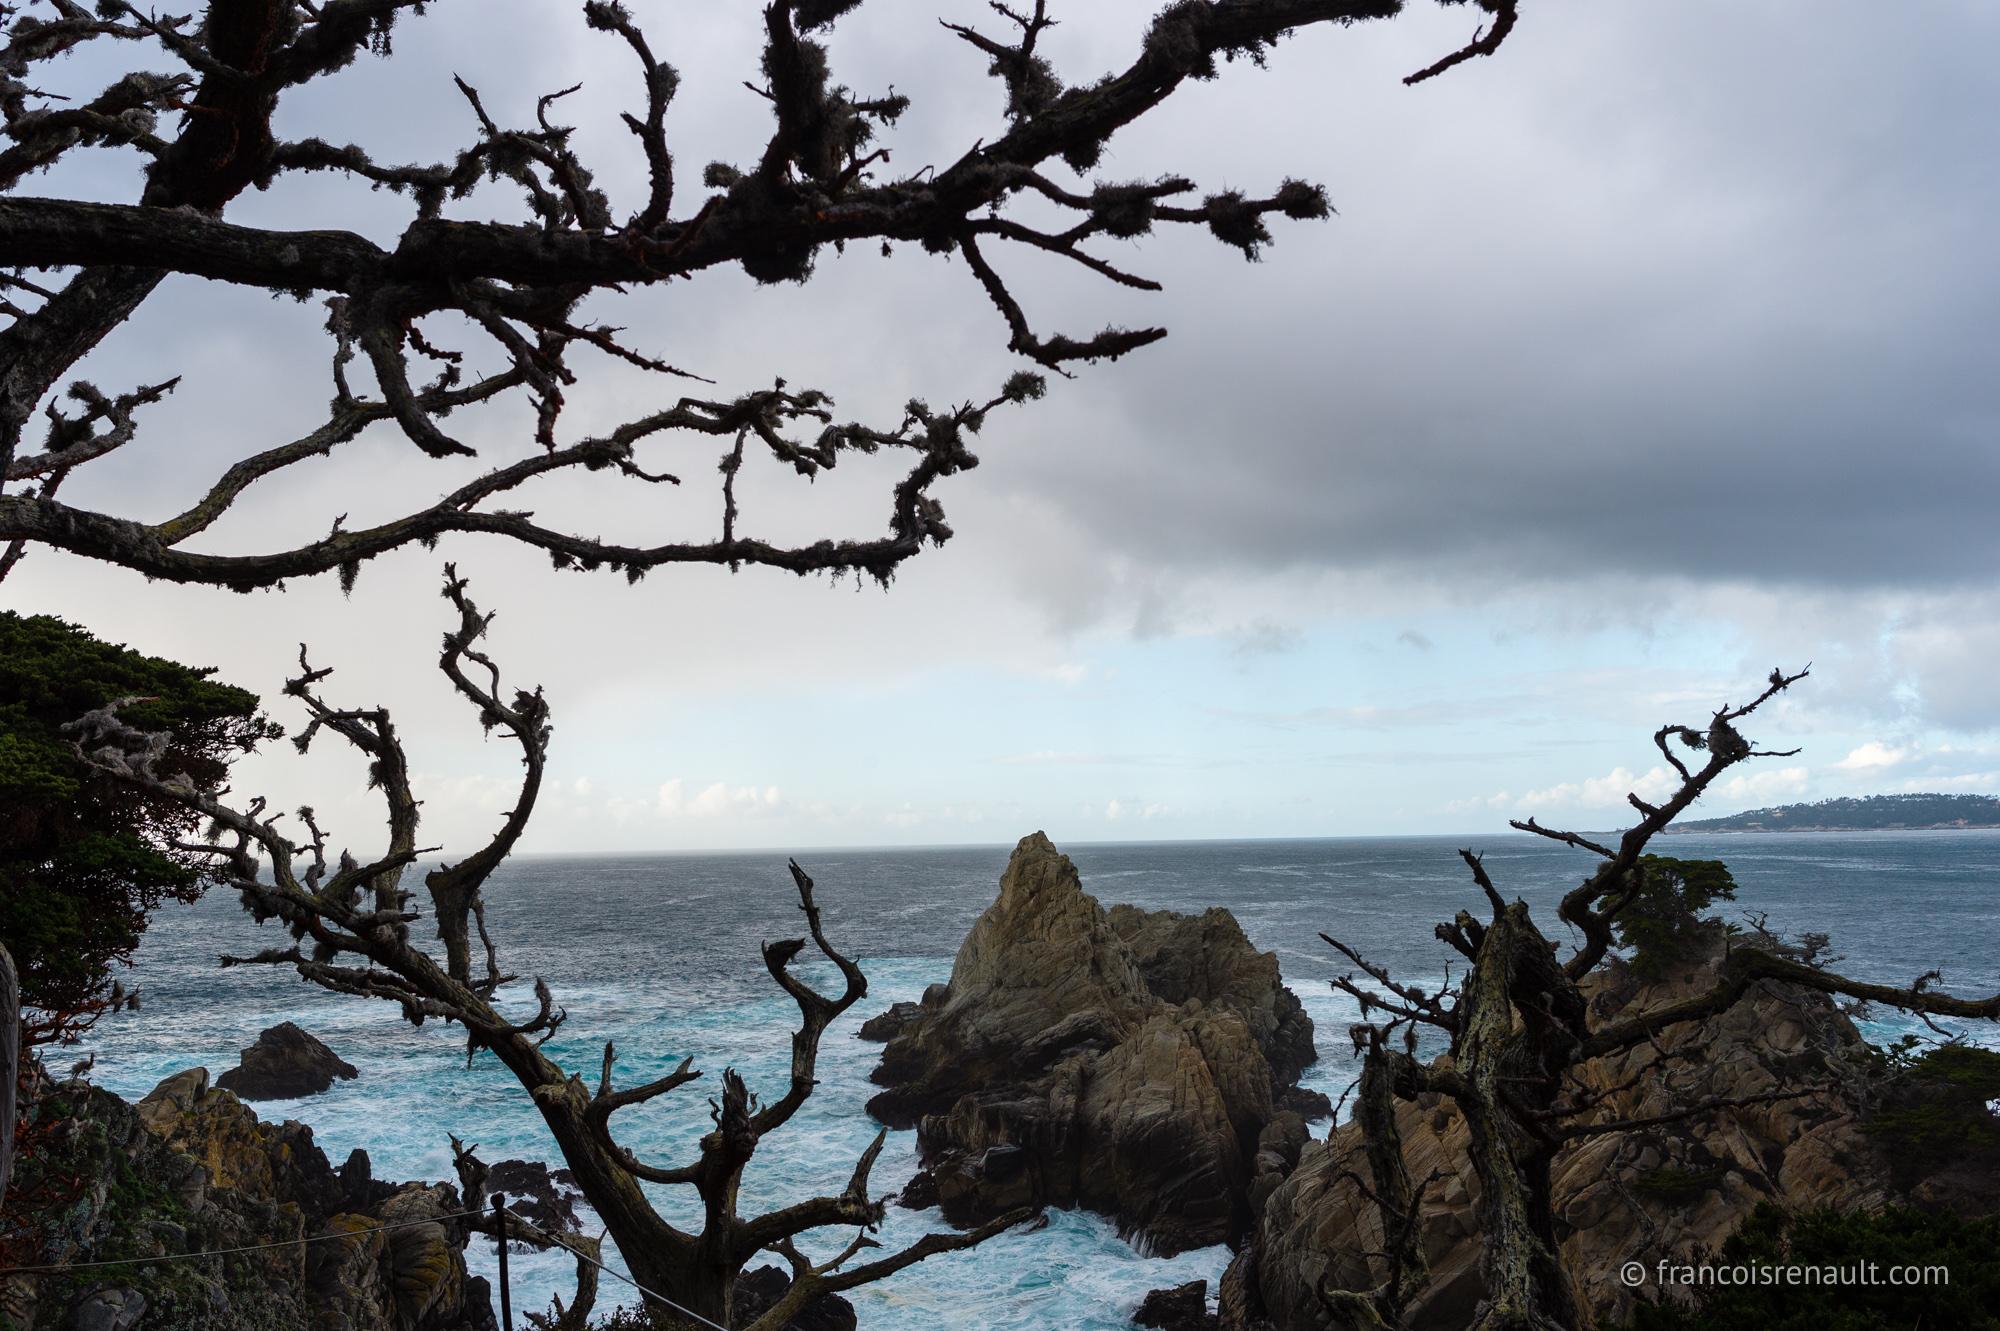 Point Lobos State Reserve, Carmel-by-the-Sea, Californie, USA.